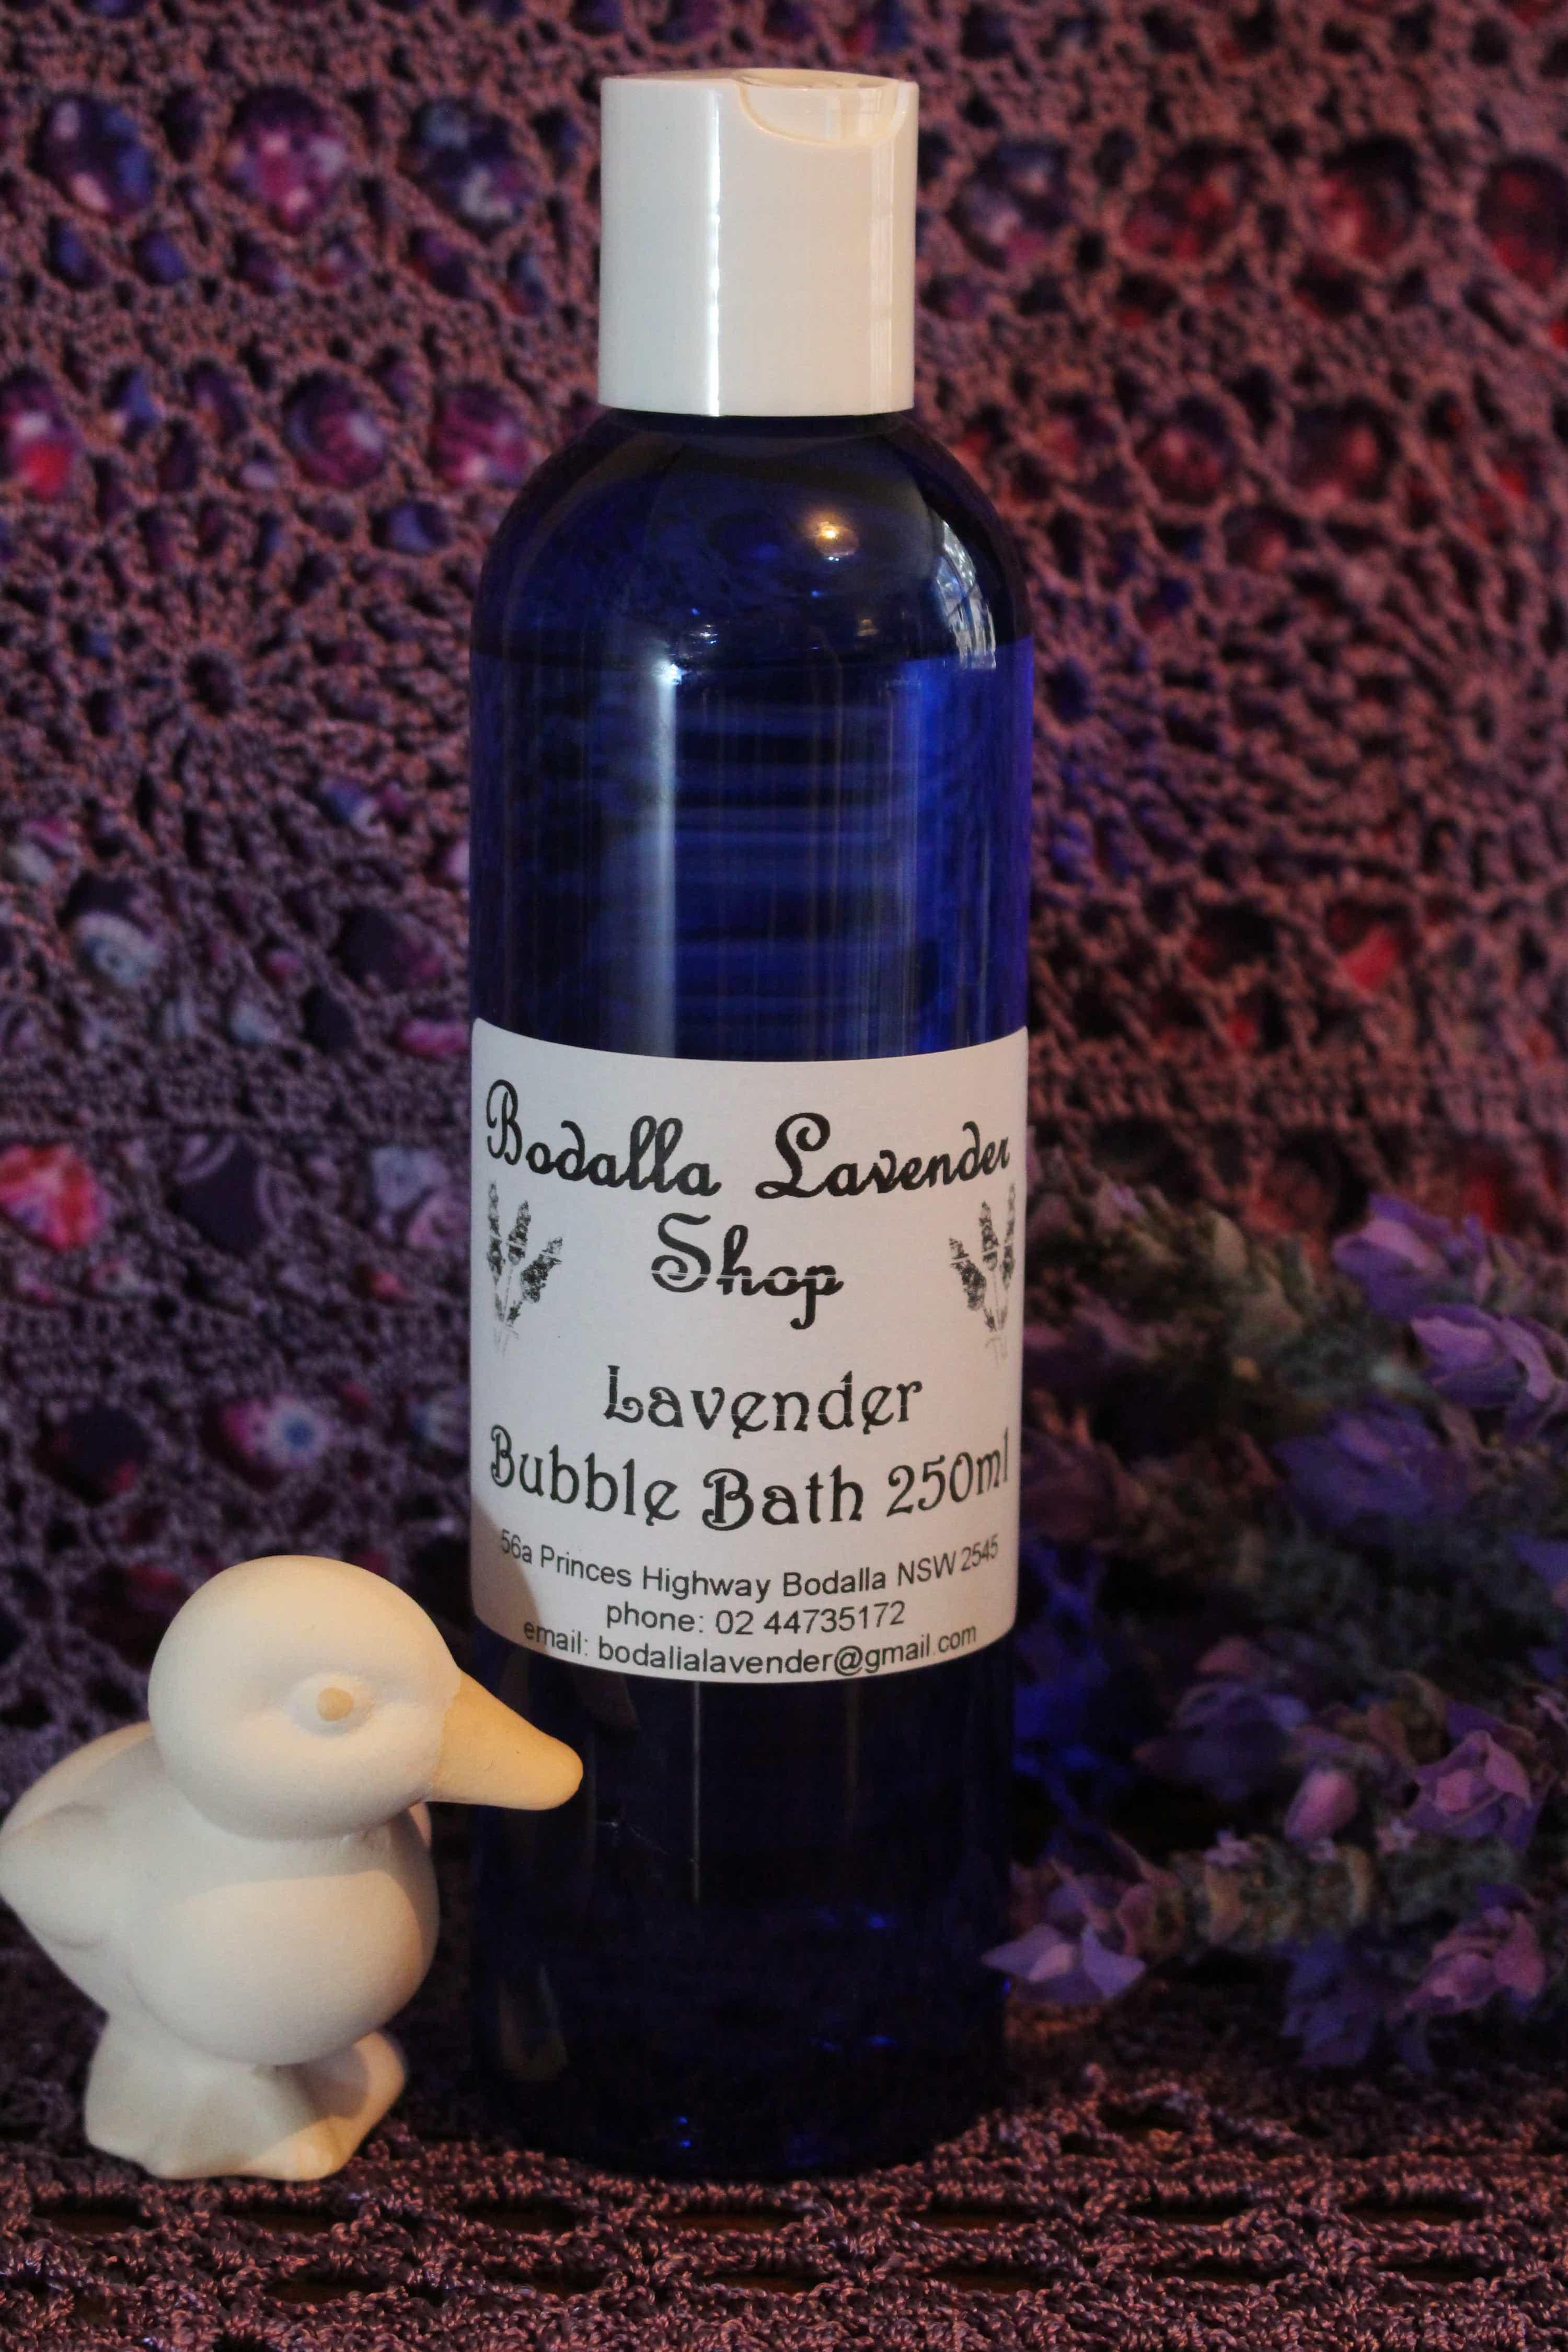 Photograph of Lavender Bubble Bath 250ml product